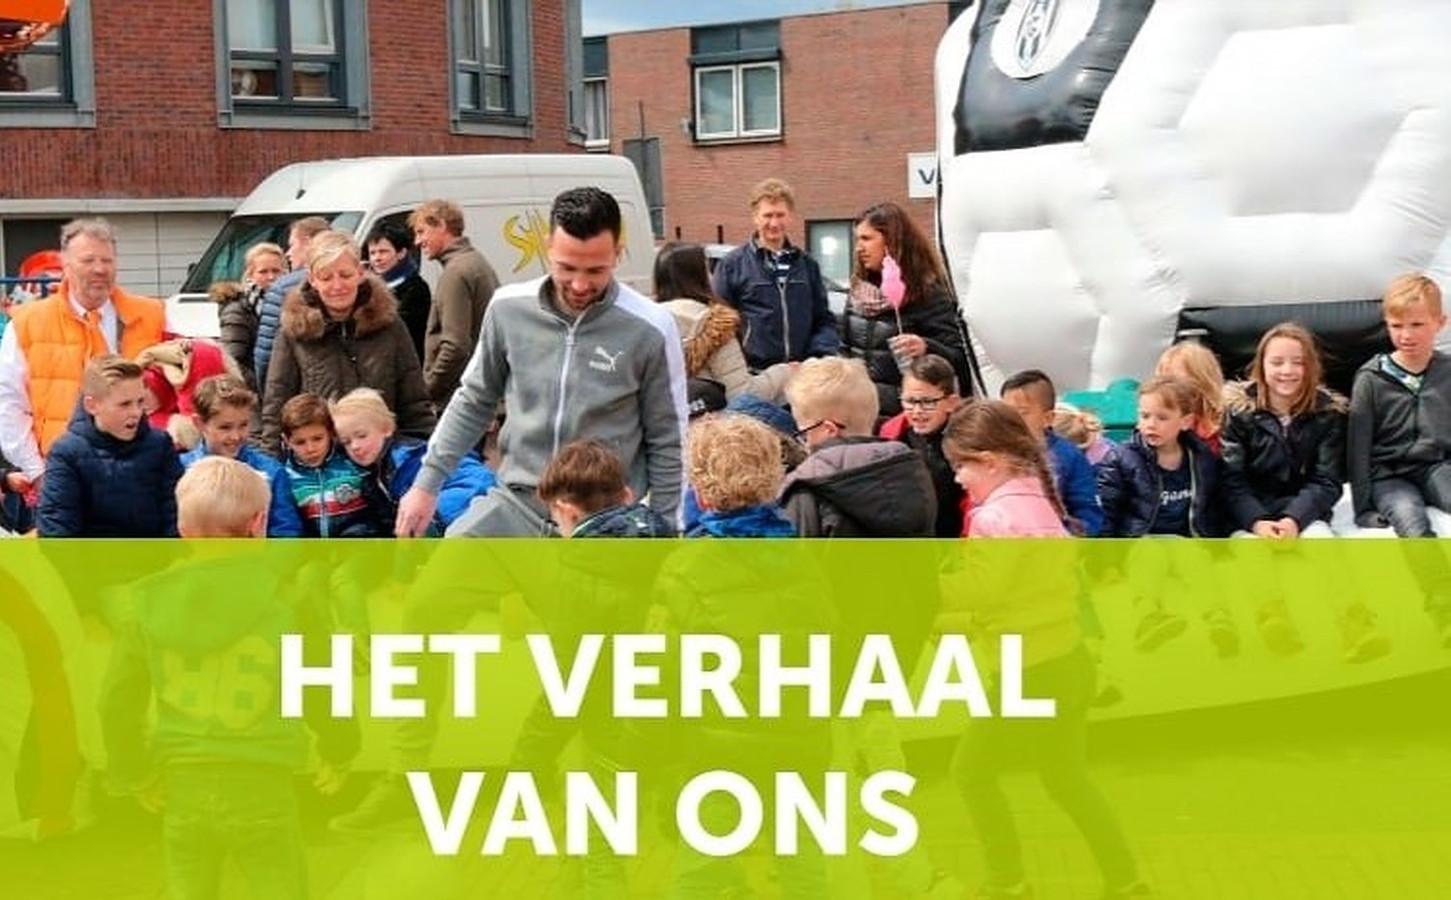 Het onderzoek 'Het verhaal van ons' uit eind 2016 moet de basis vormen voor het nieuwe toekomstplan van Wierden.